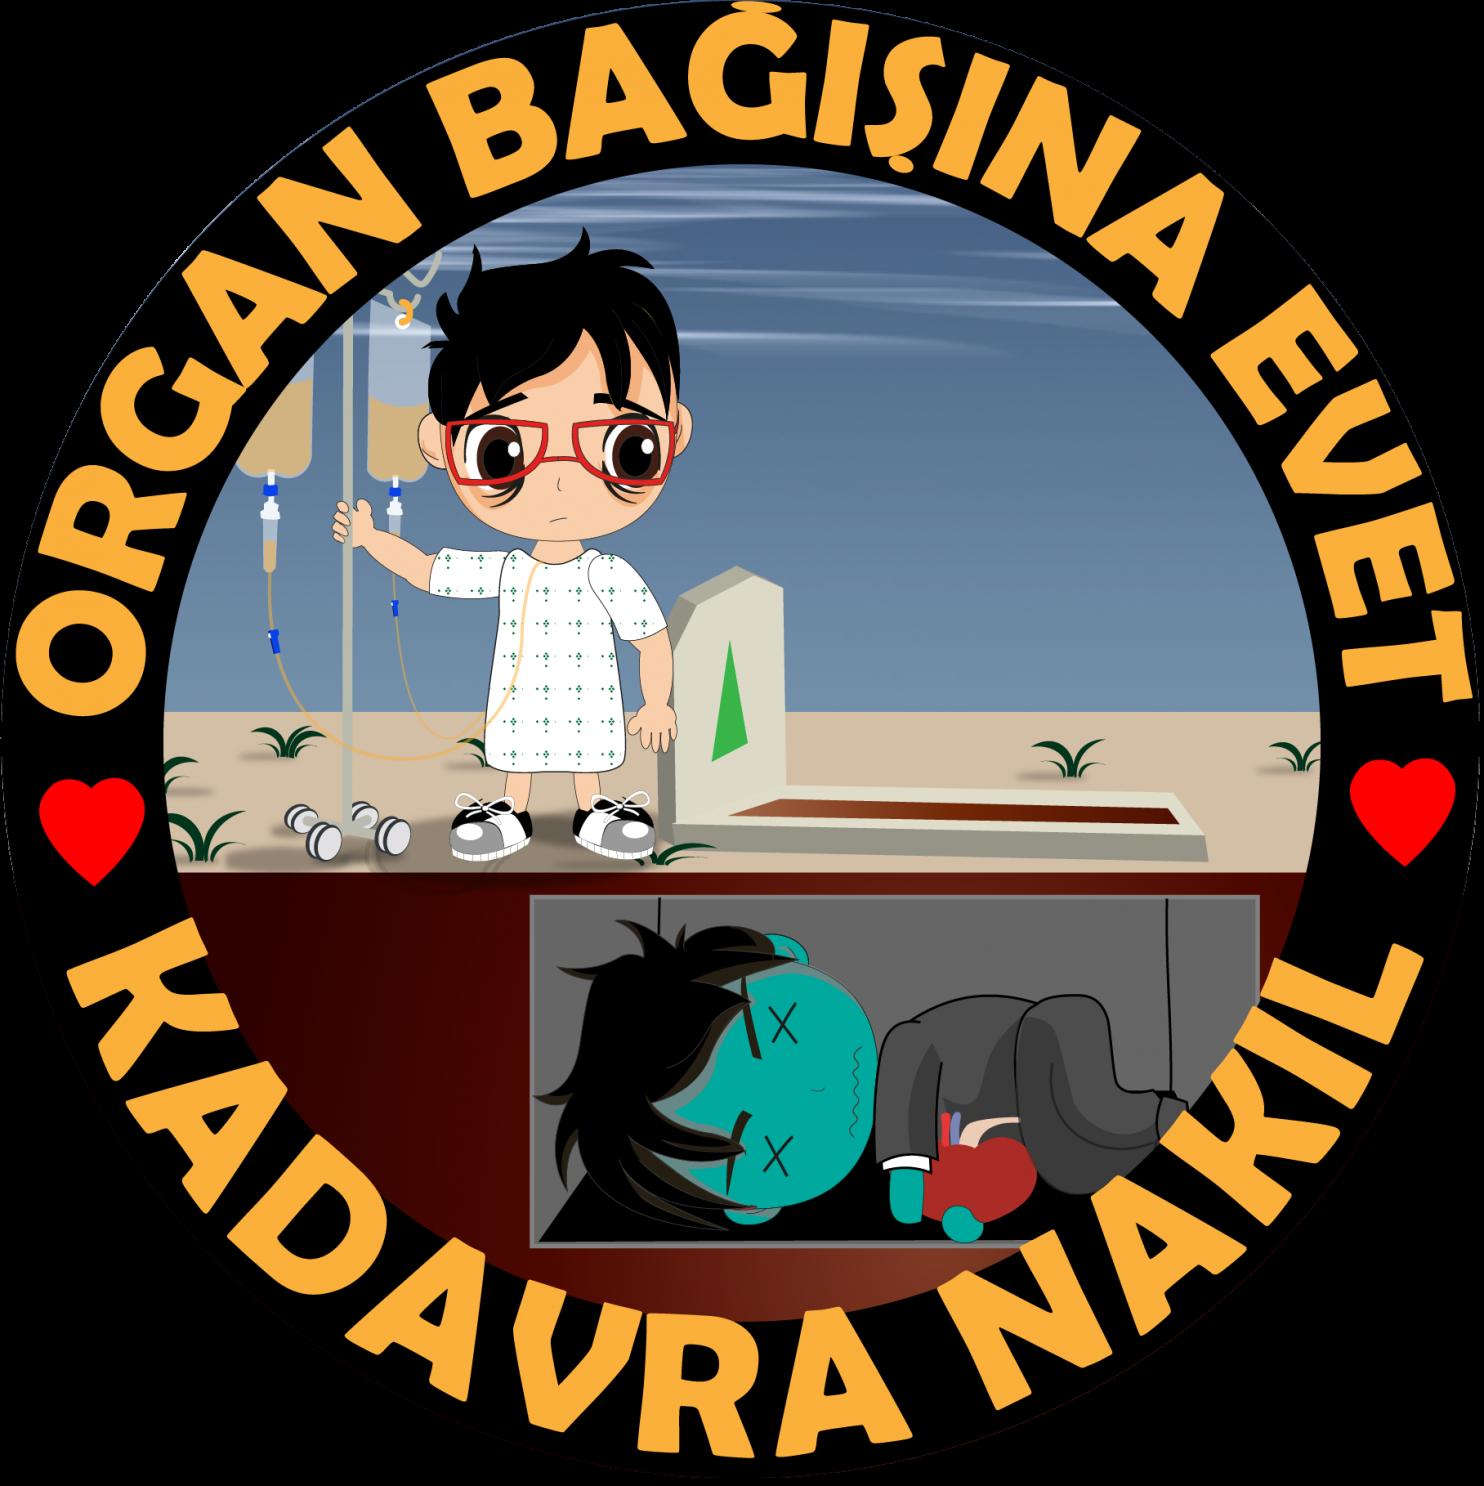 organ bagisi